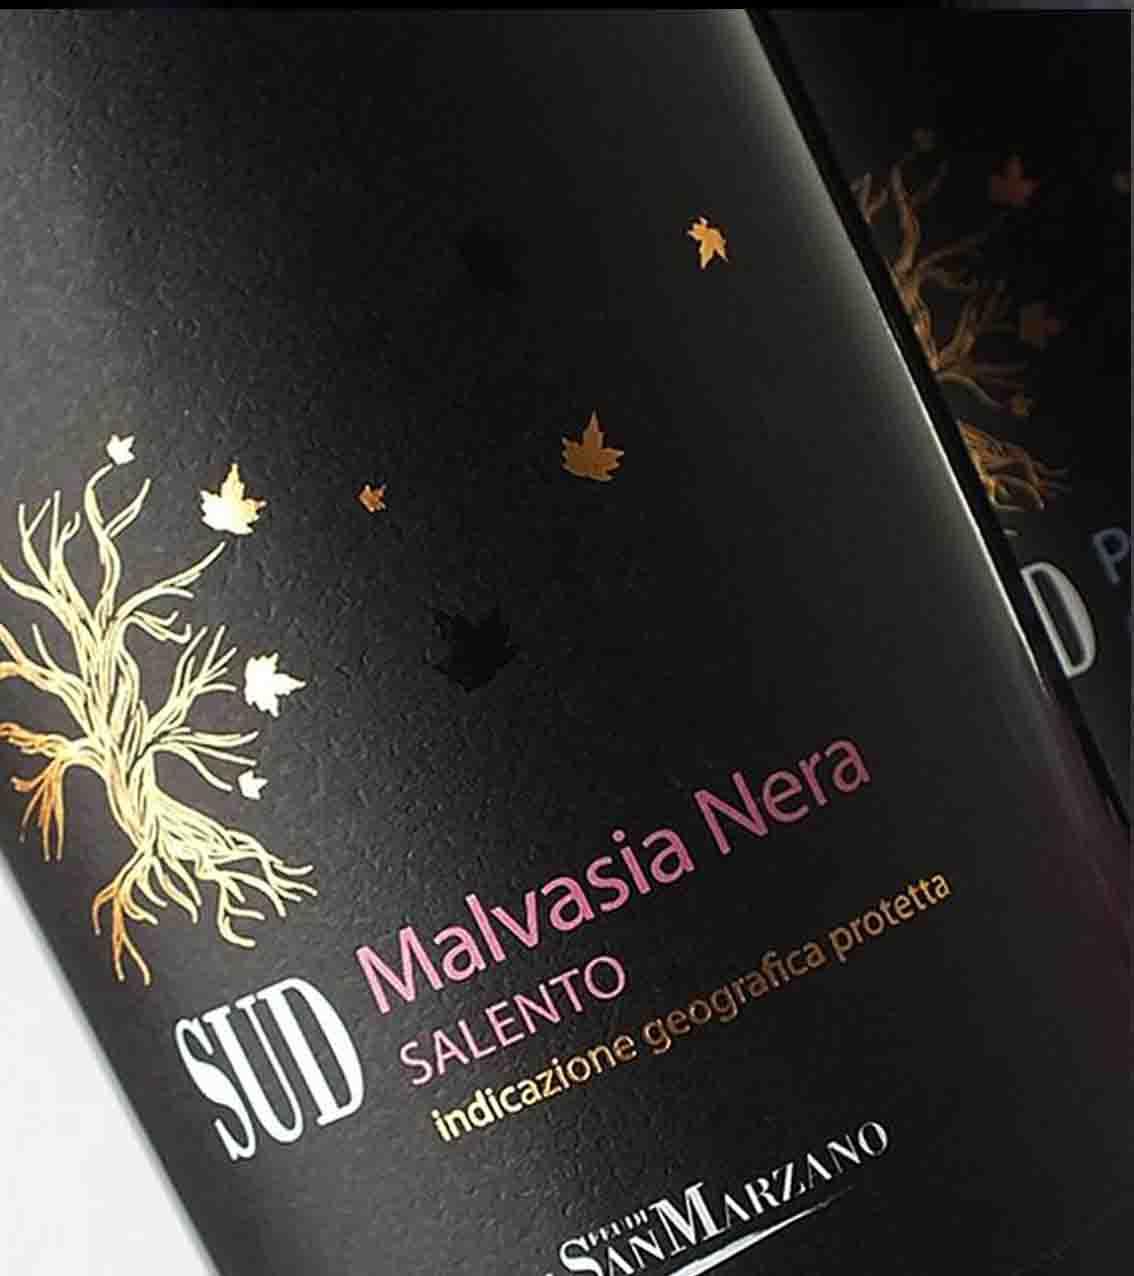 Kết quả hình ảnh cho vang ý sud malvasia nera